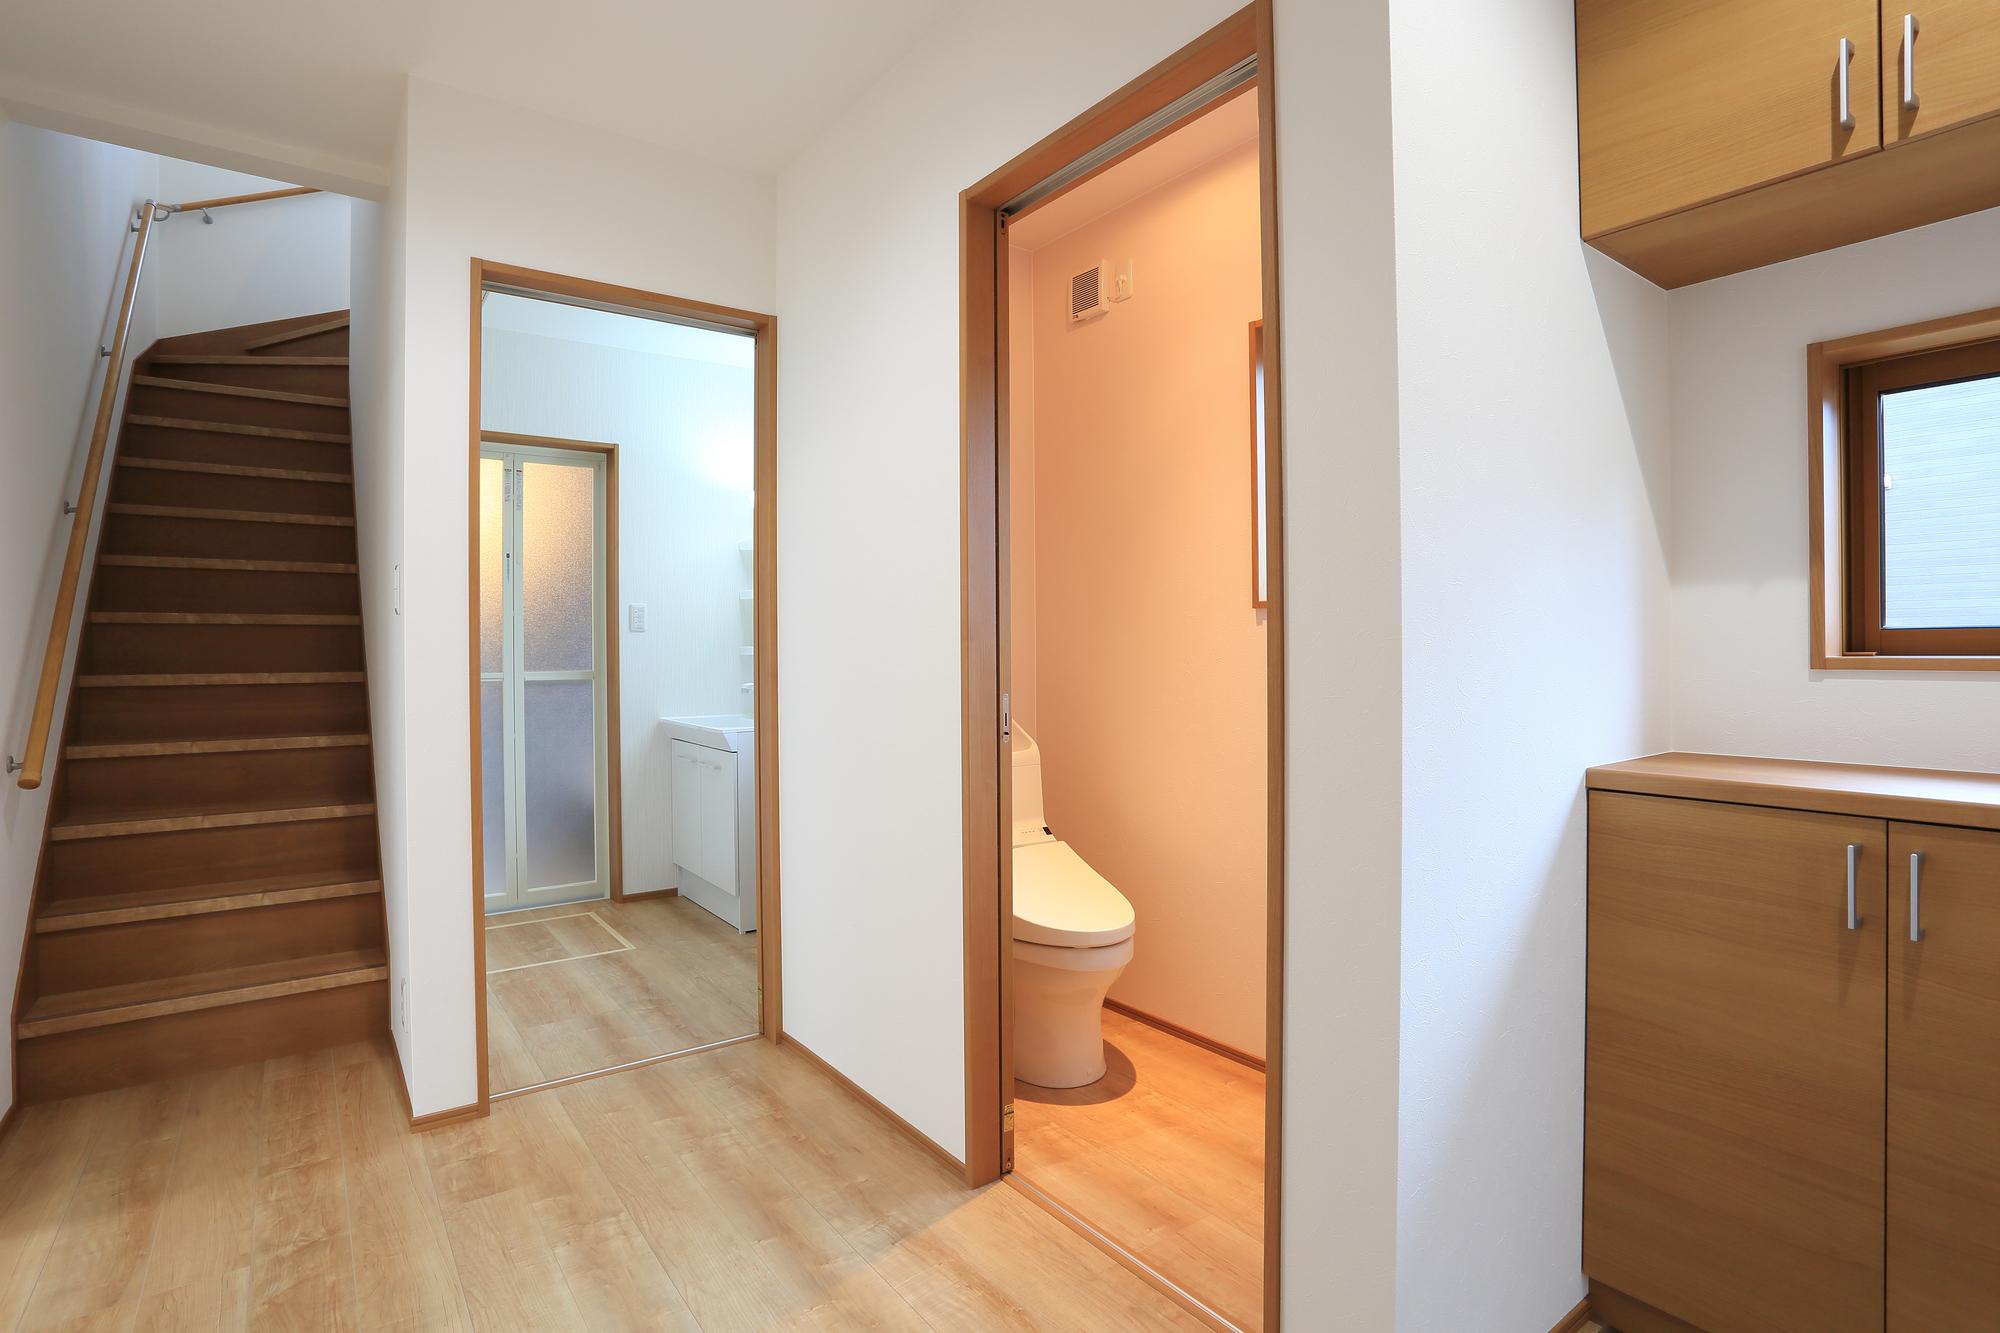 階段 トイレ 洗面所の動線